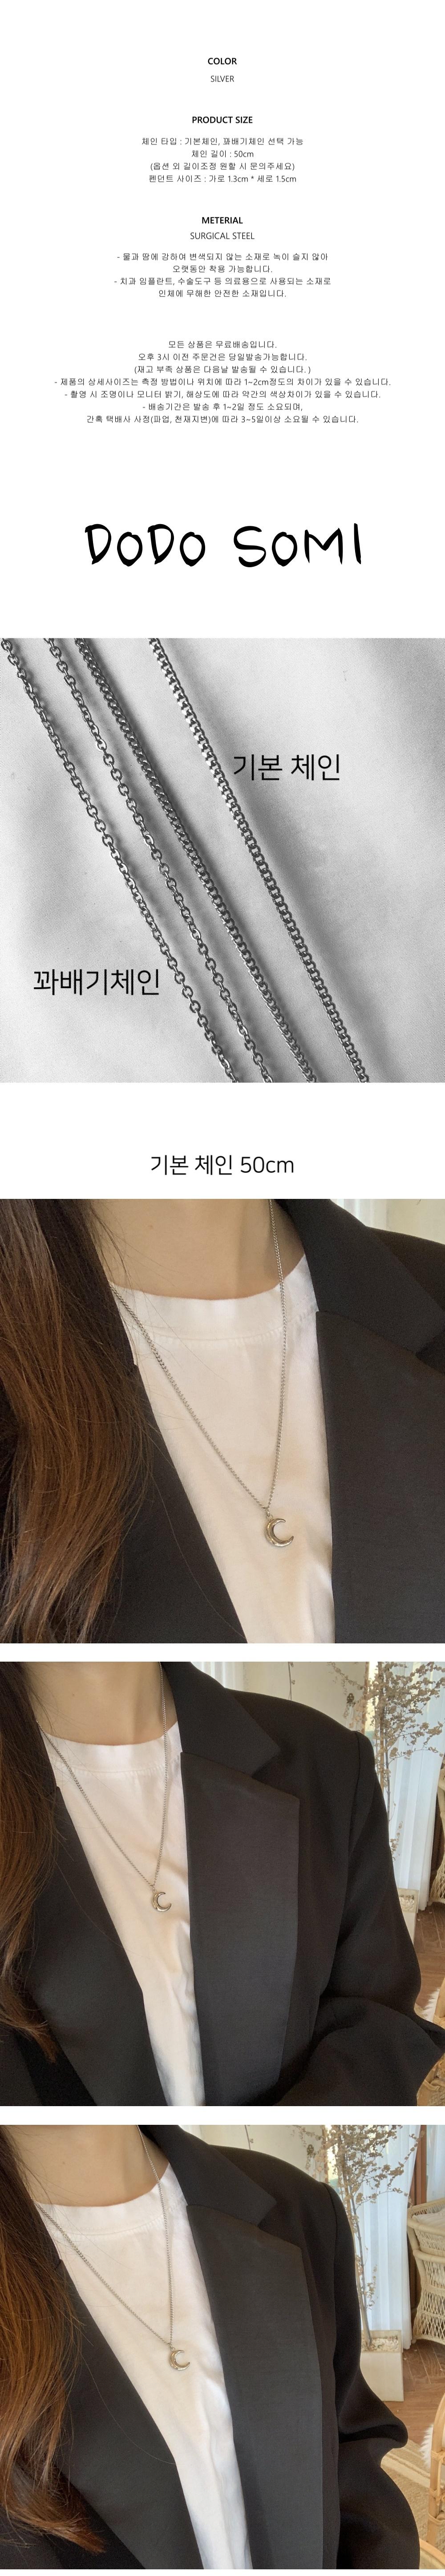 달 목걸이 써지컬스틸 실버 cresc - 빅애플, 29,000원, 패션, 패션목걸이